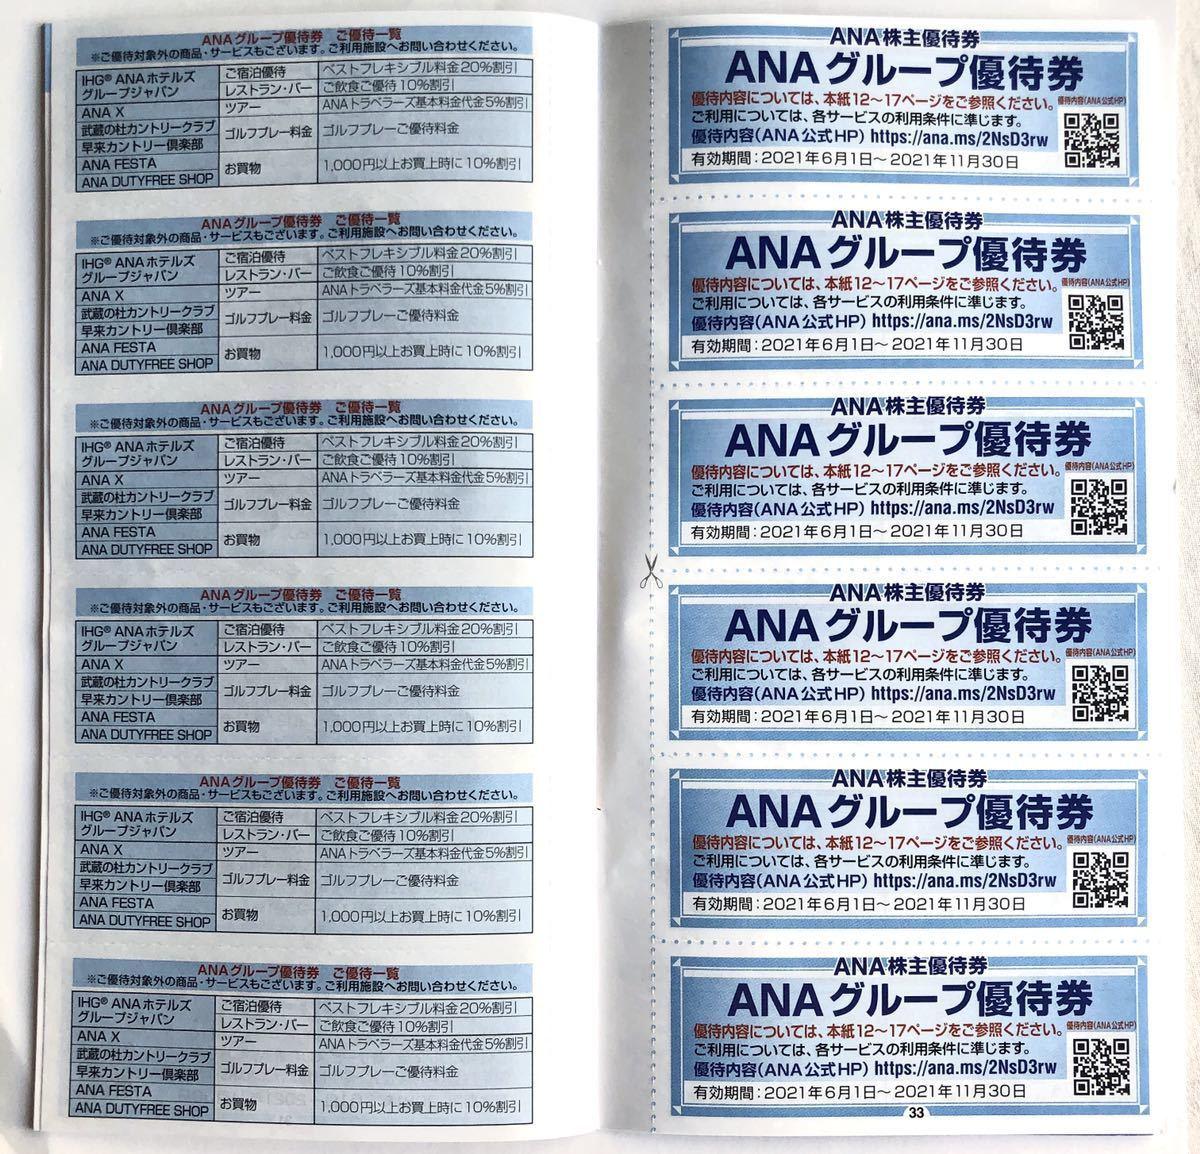 送料無料 ANA グループ 株主優待券 冊子 2021年上期分 2021年11月30日まで 全日空 ホテル 武蔵の杜 カントリー 早来 ゴルフ 買い物 割引券_画像3